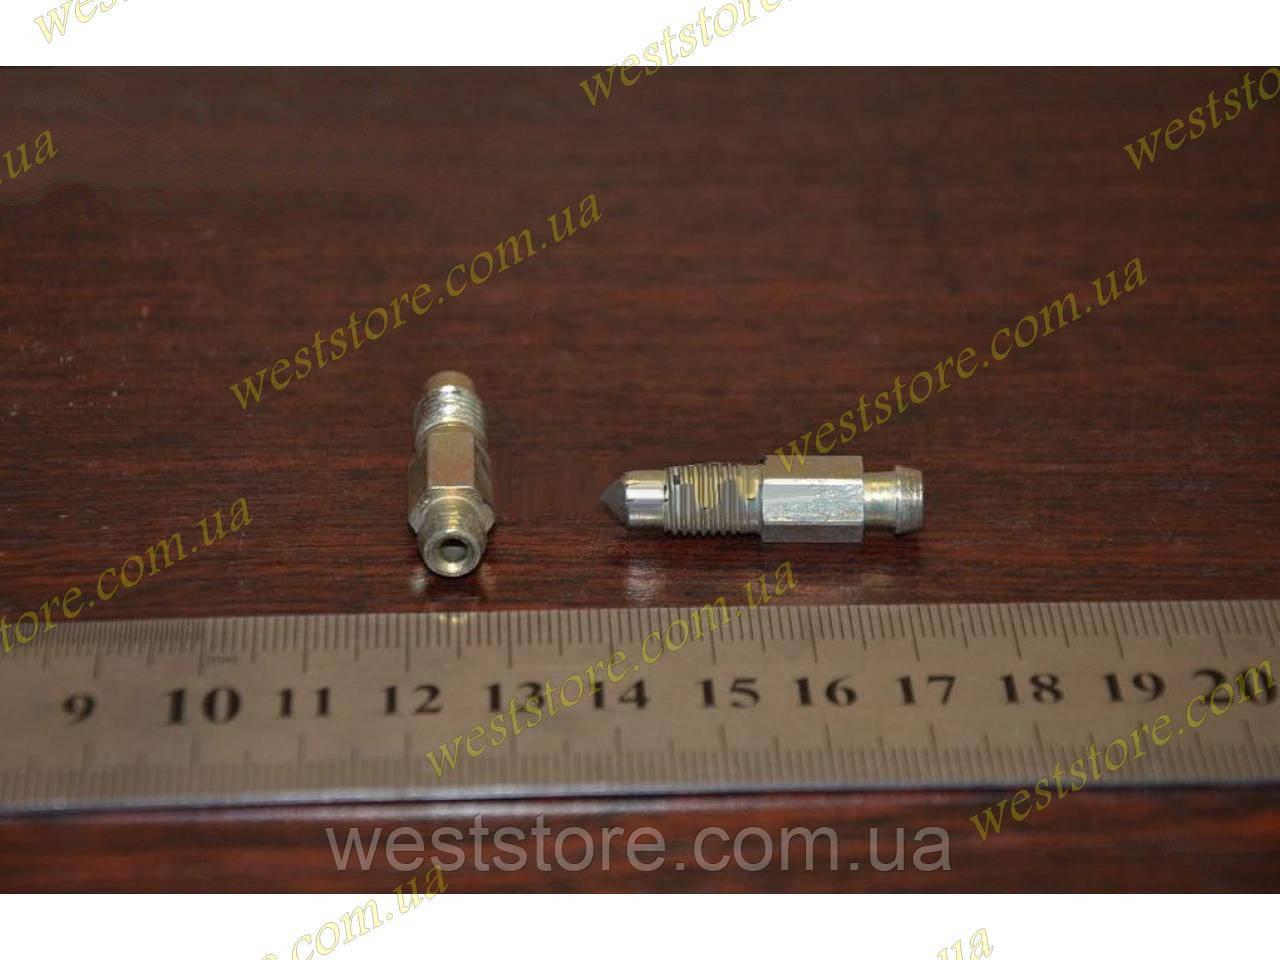 Штуцер прокачки тормозов м 8х1, Заз 1102,1103 Таврия Славута